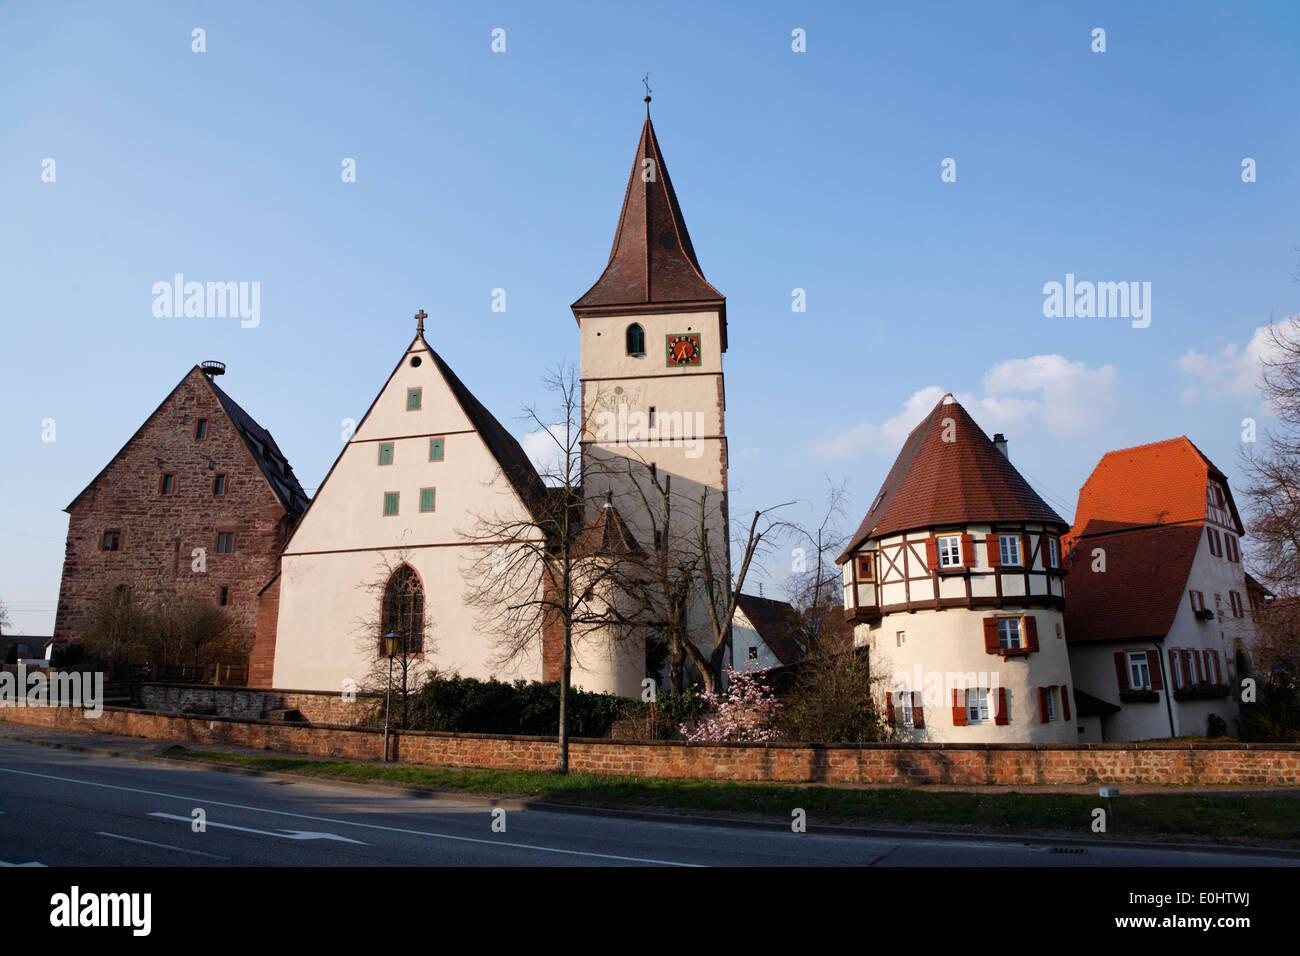 Deutschland, Baden-Württemberg, Merklingen (Weil der Stadt), Kirchenburg, Häuser Stockbild